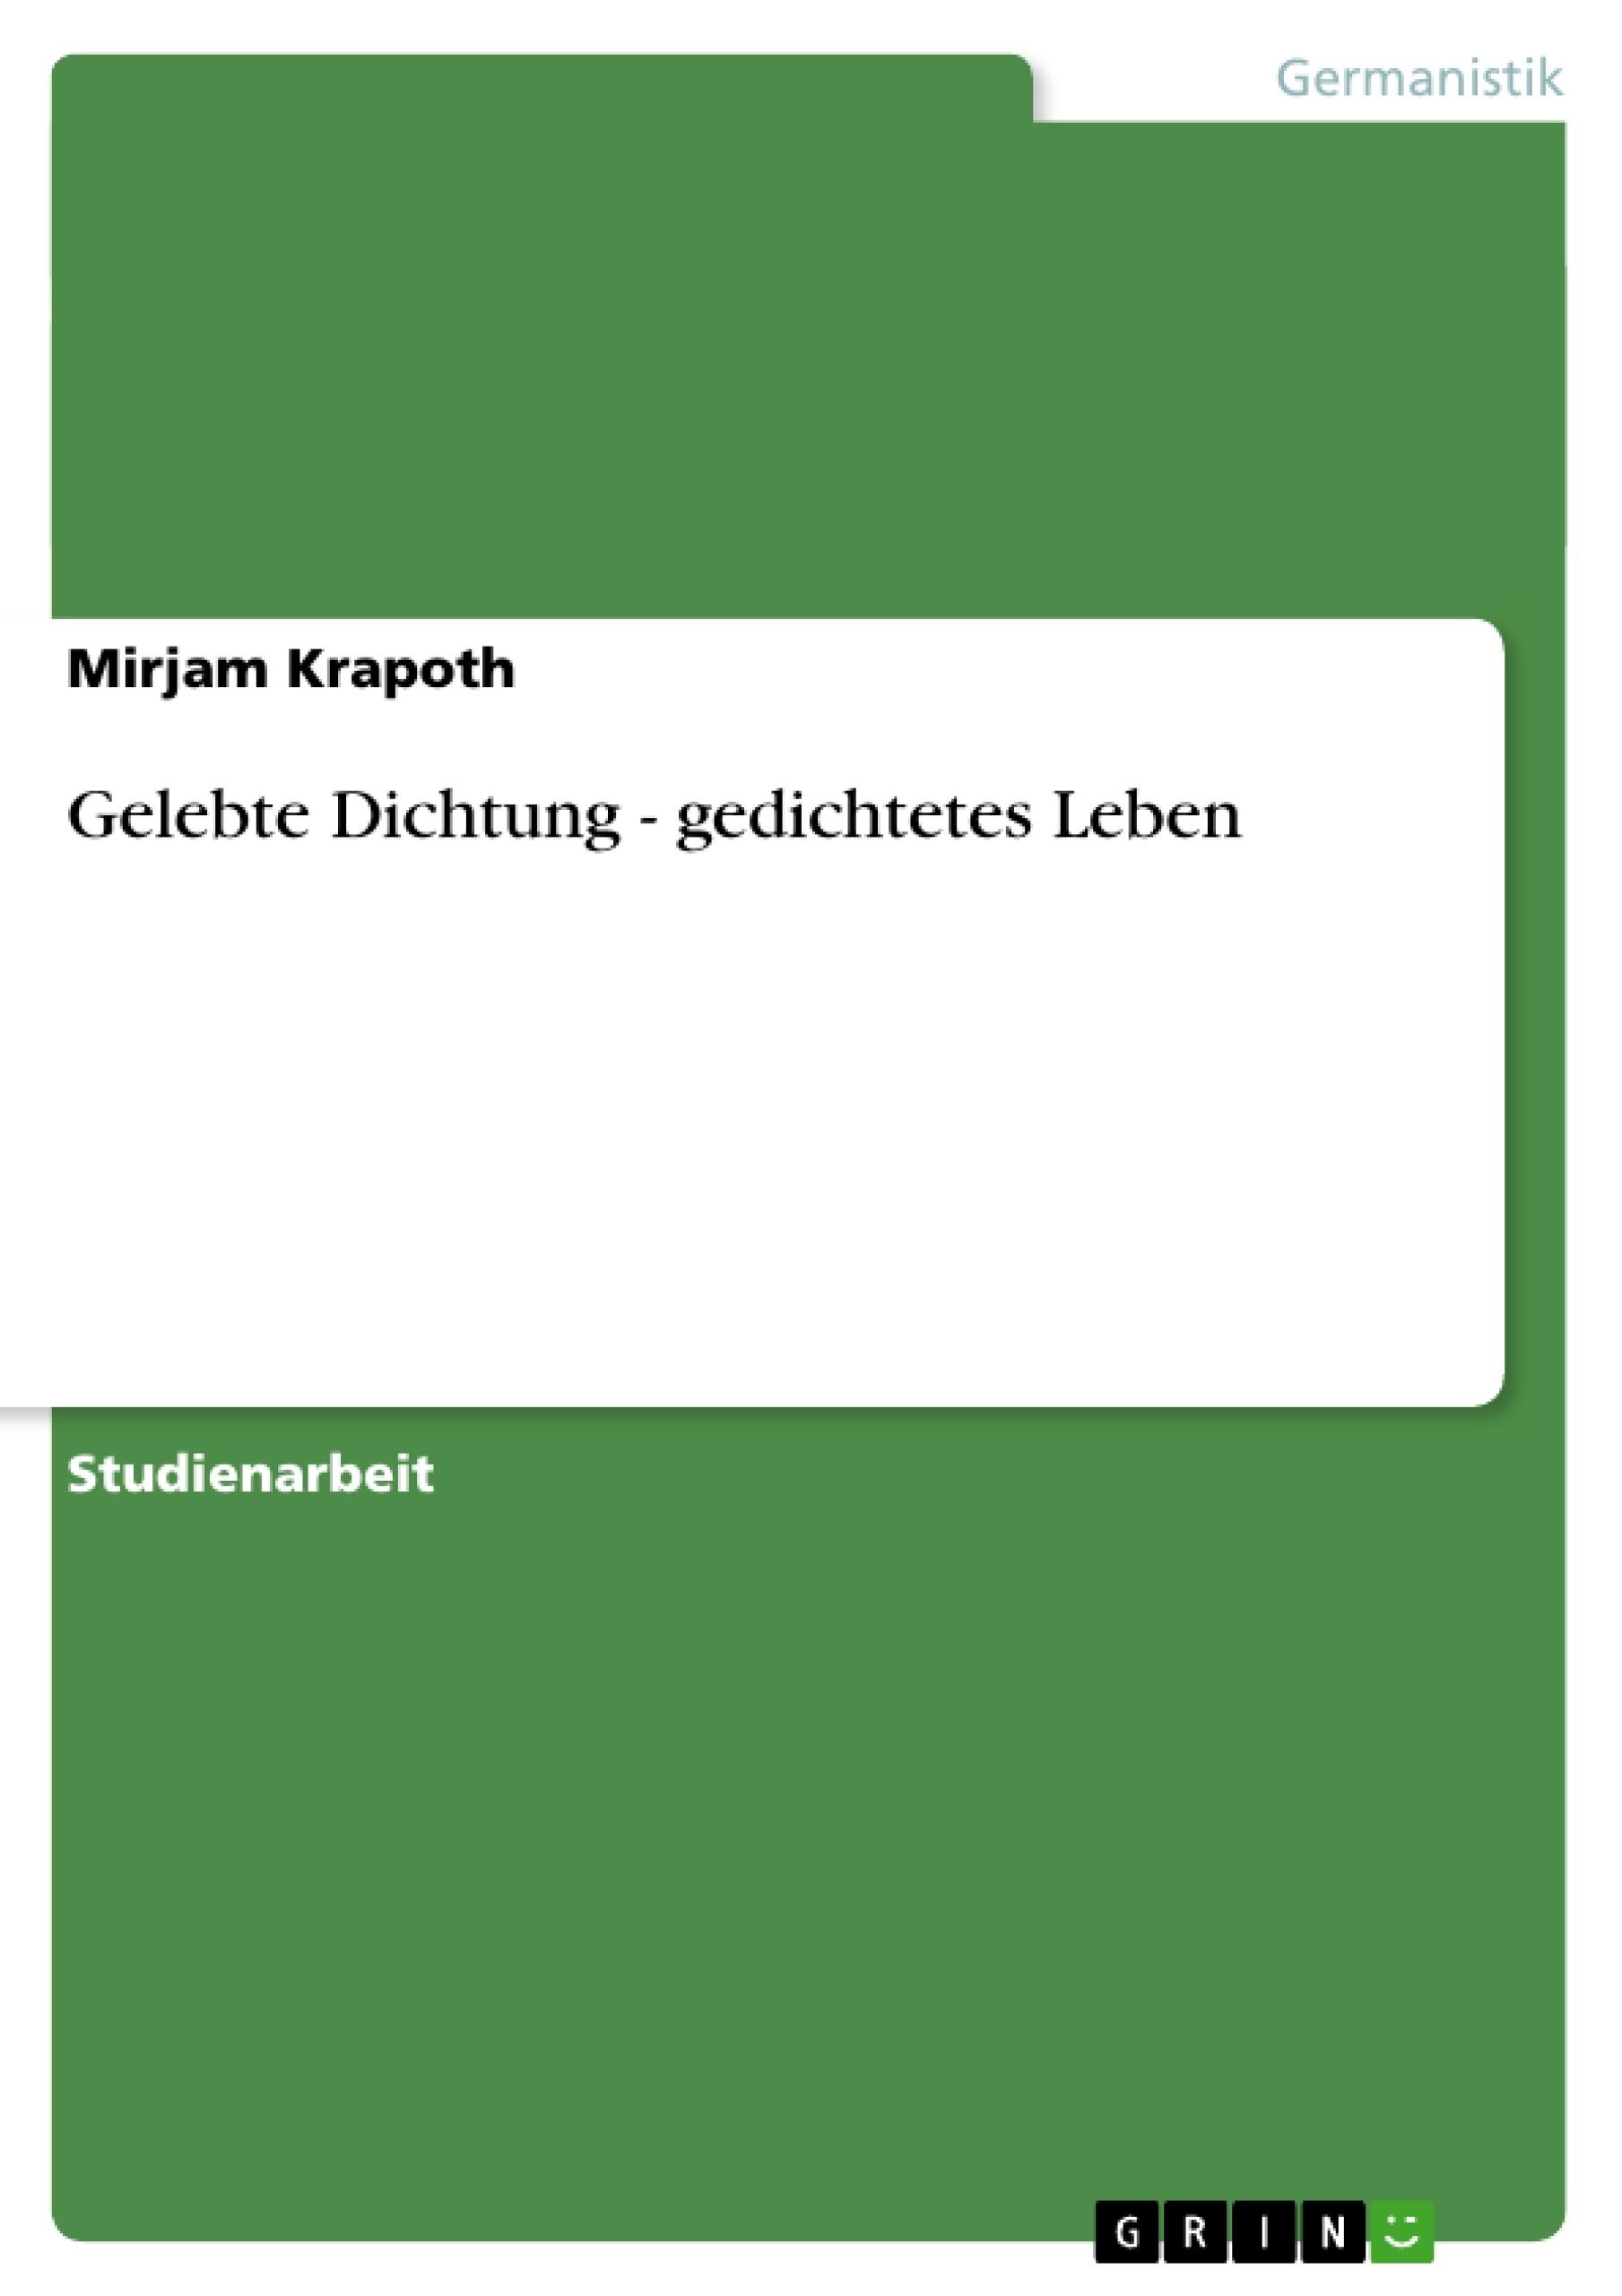 Titel: Gelebte Dichtung - gedichtetes Leben